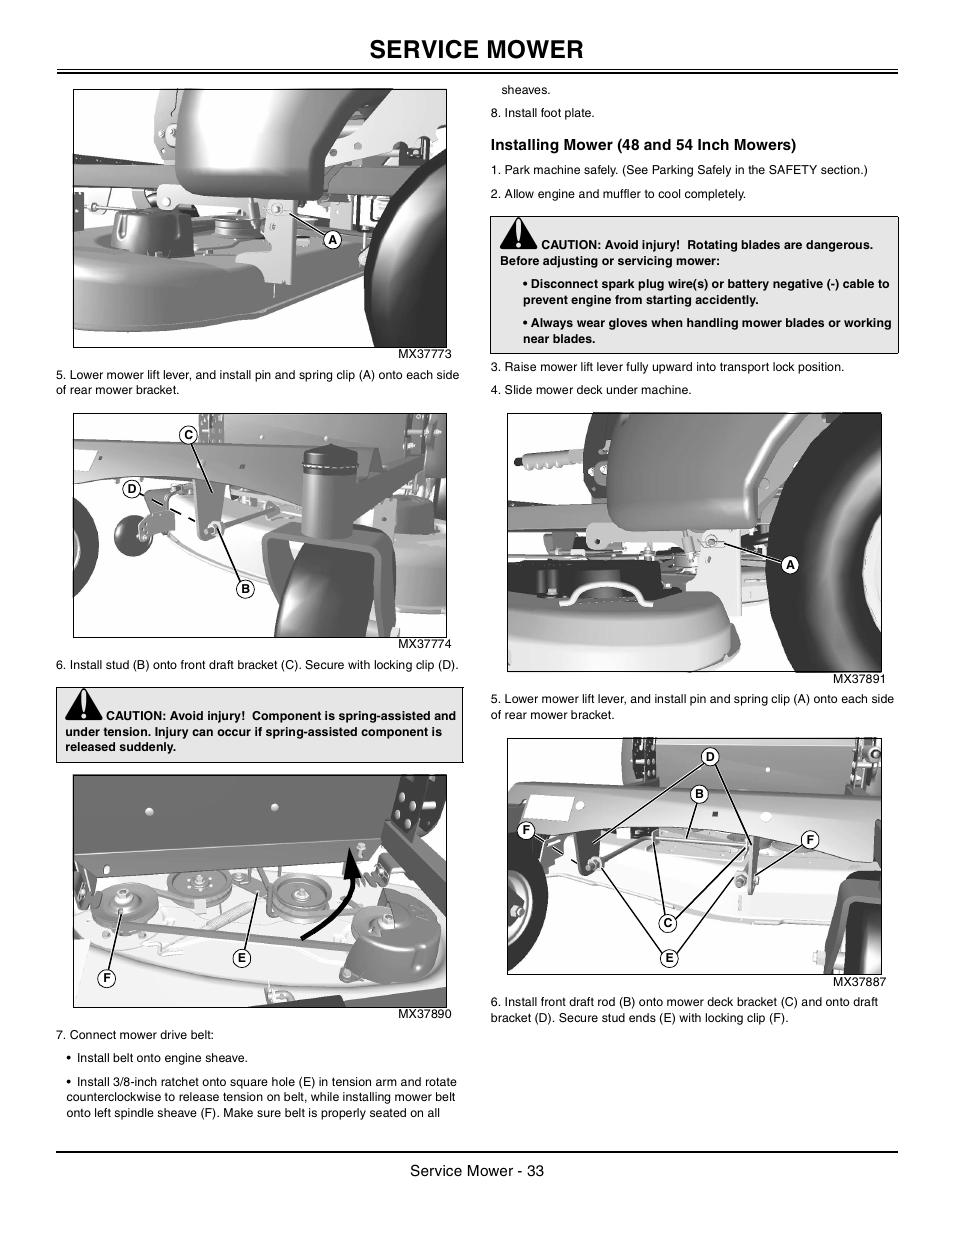 34 John Deere Z425 Parts Diagram Manual Guide